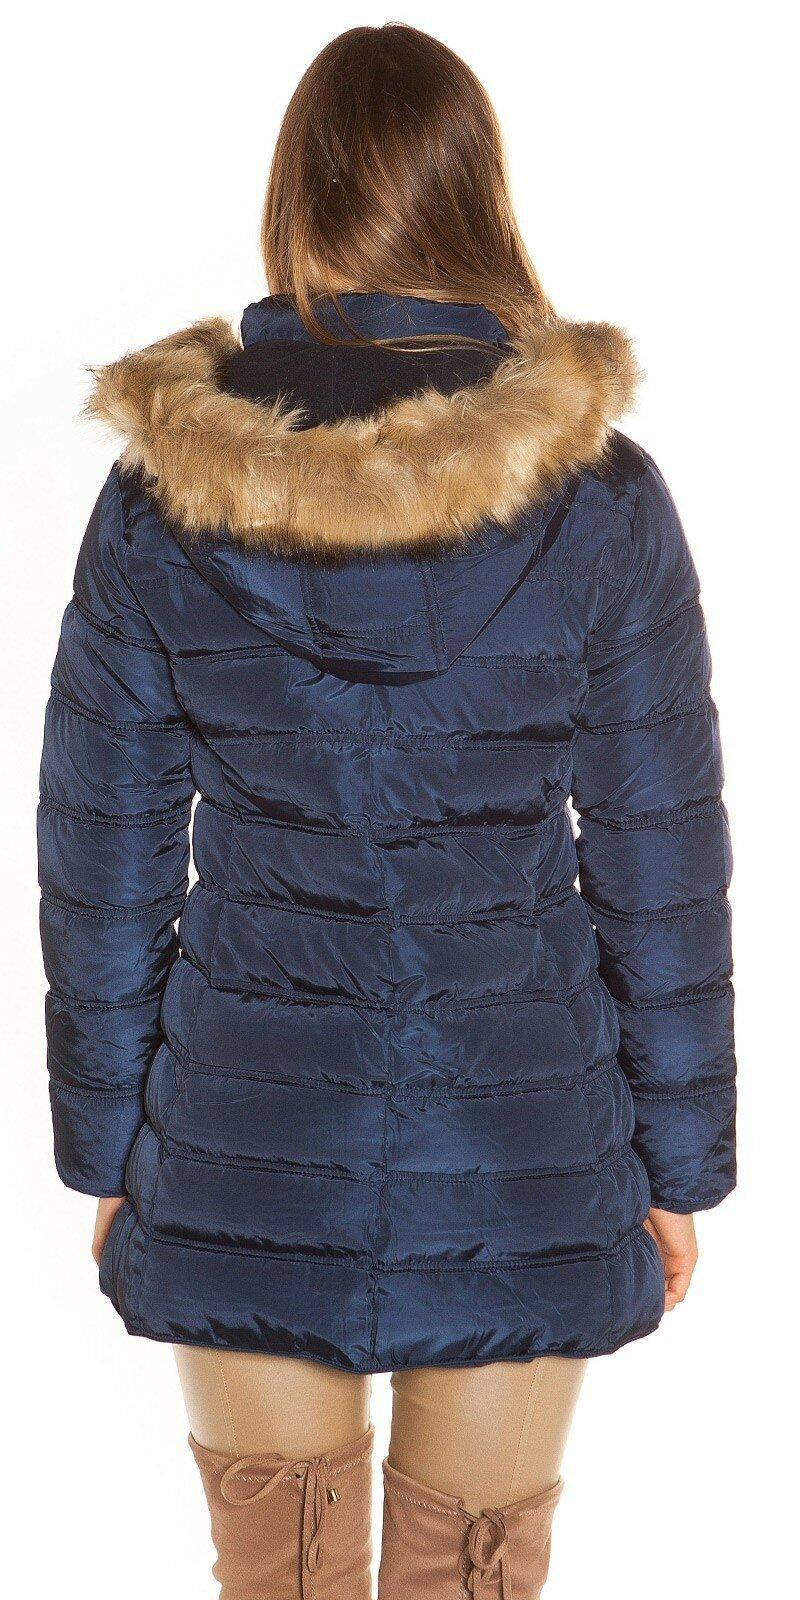 e517b82ac ... Prešívaná zimná bunda s kožušinou Tmavomodrá ...